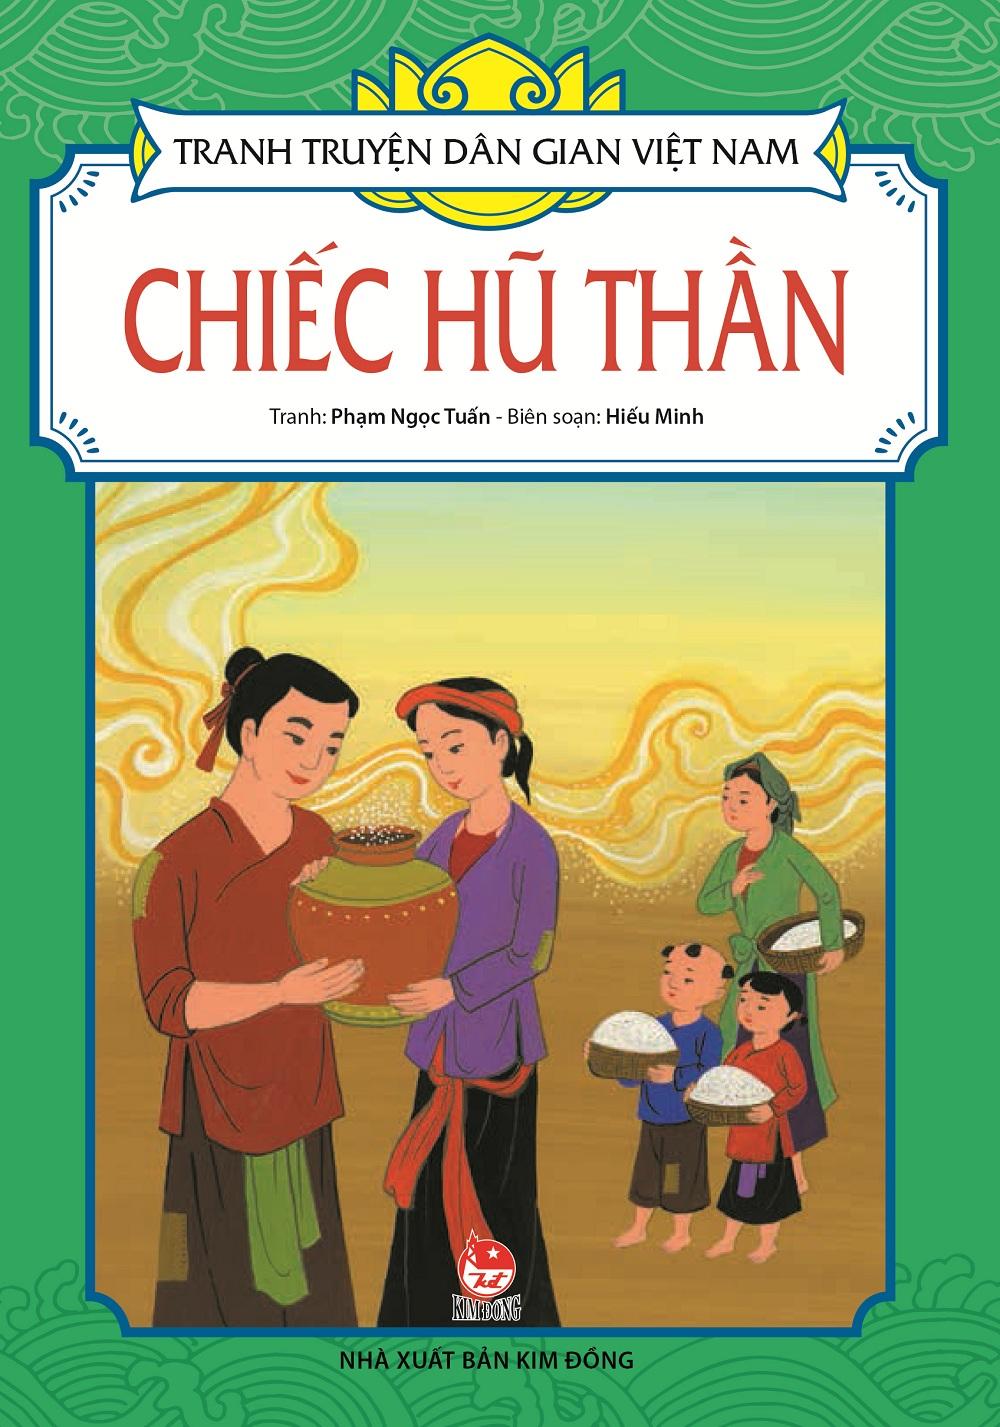 Tranh Truyện Dân Gian Việt Nam - Chiếc Hũ Thần